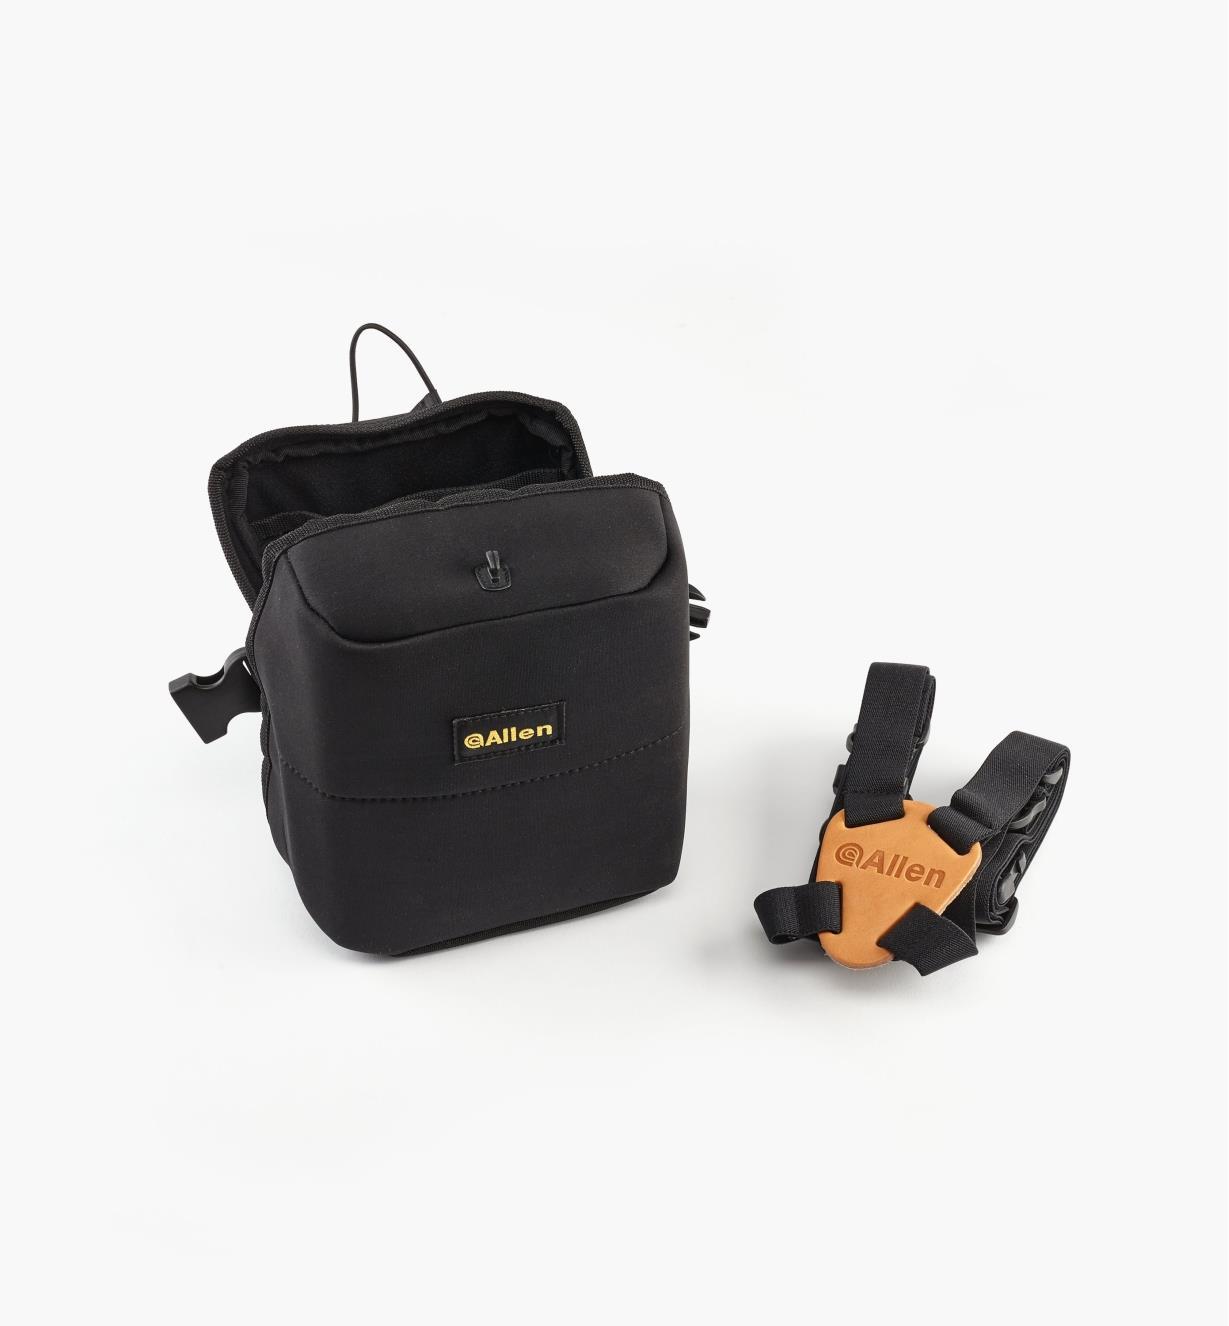 99W8832 - Allen Binocular Ready Pouch